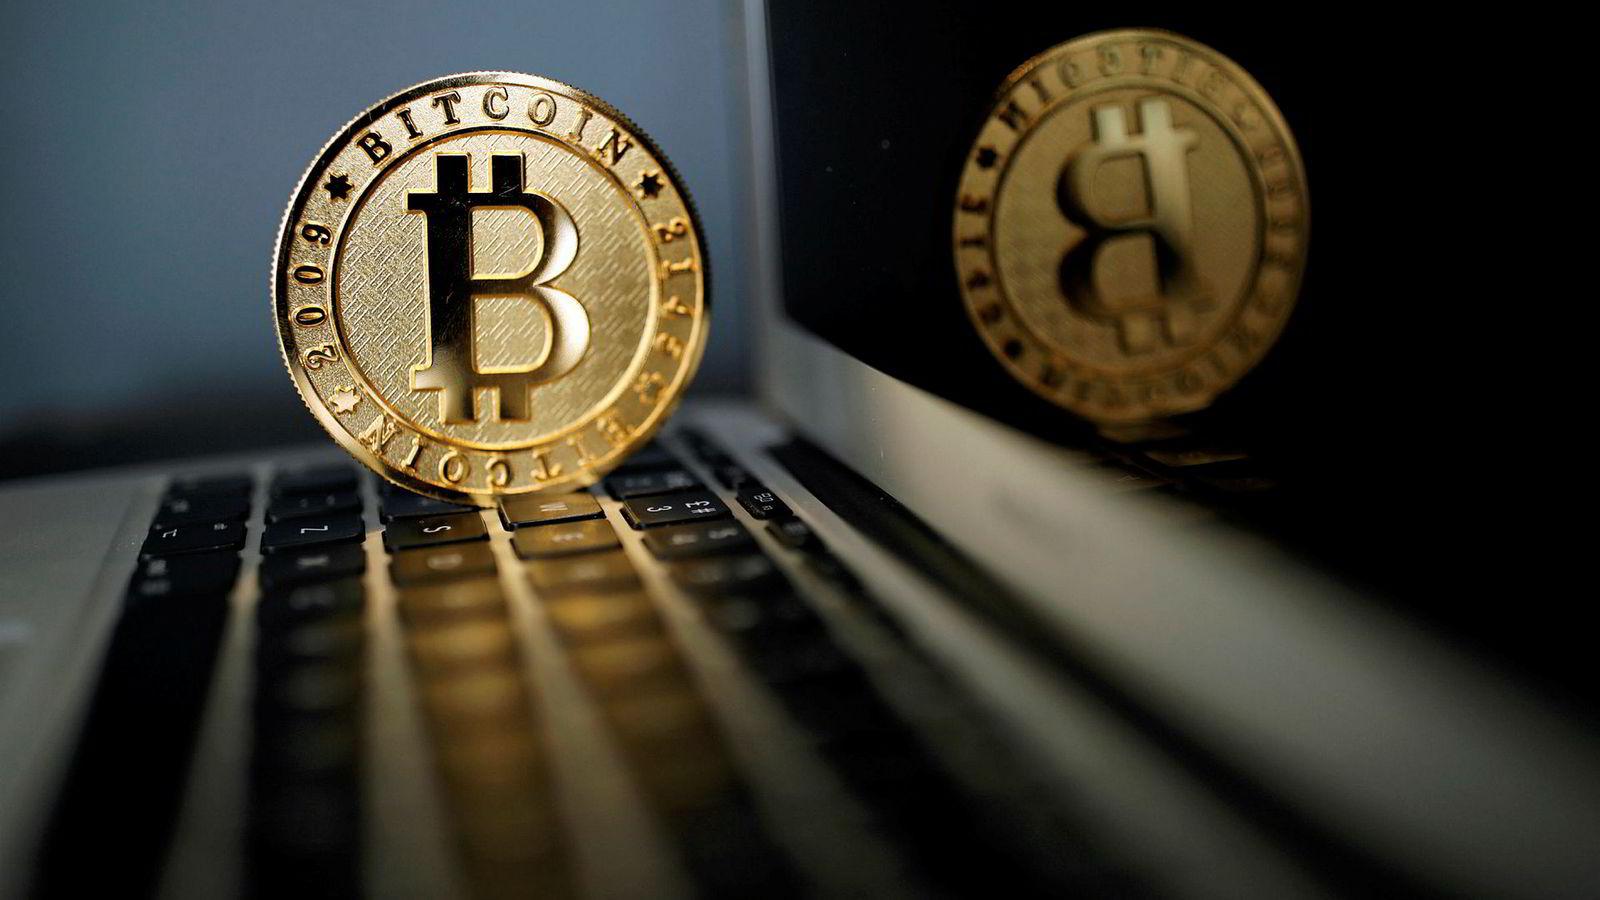 De kriminelles hverdag er blitt så uendelig mye enklere med bitcoin. Det er anonymiteten som gjør bitcoin og andre kryptovalutaer så attraktive for kriminelle, skriver artikkelforfatteren.